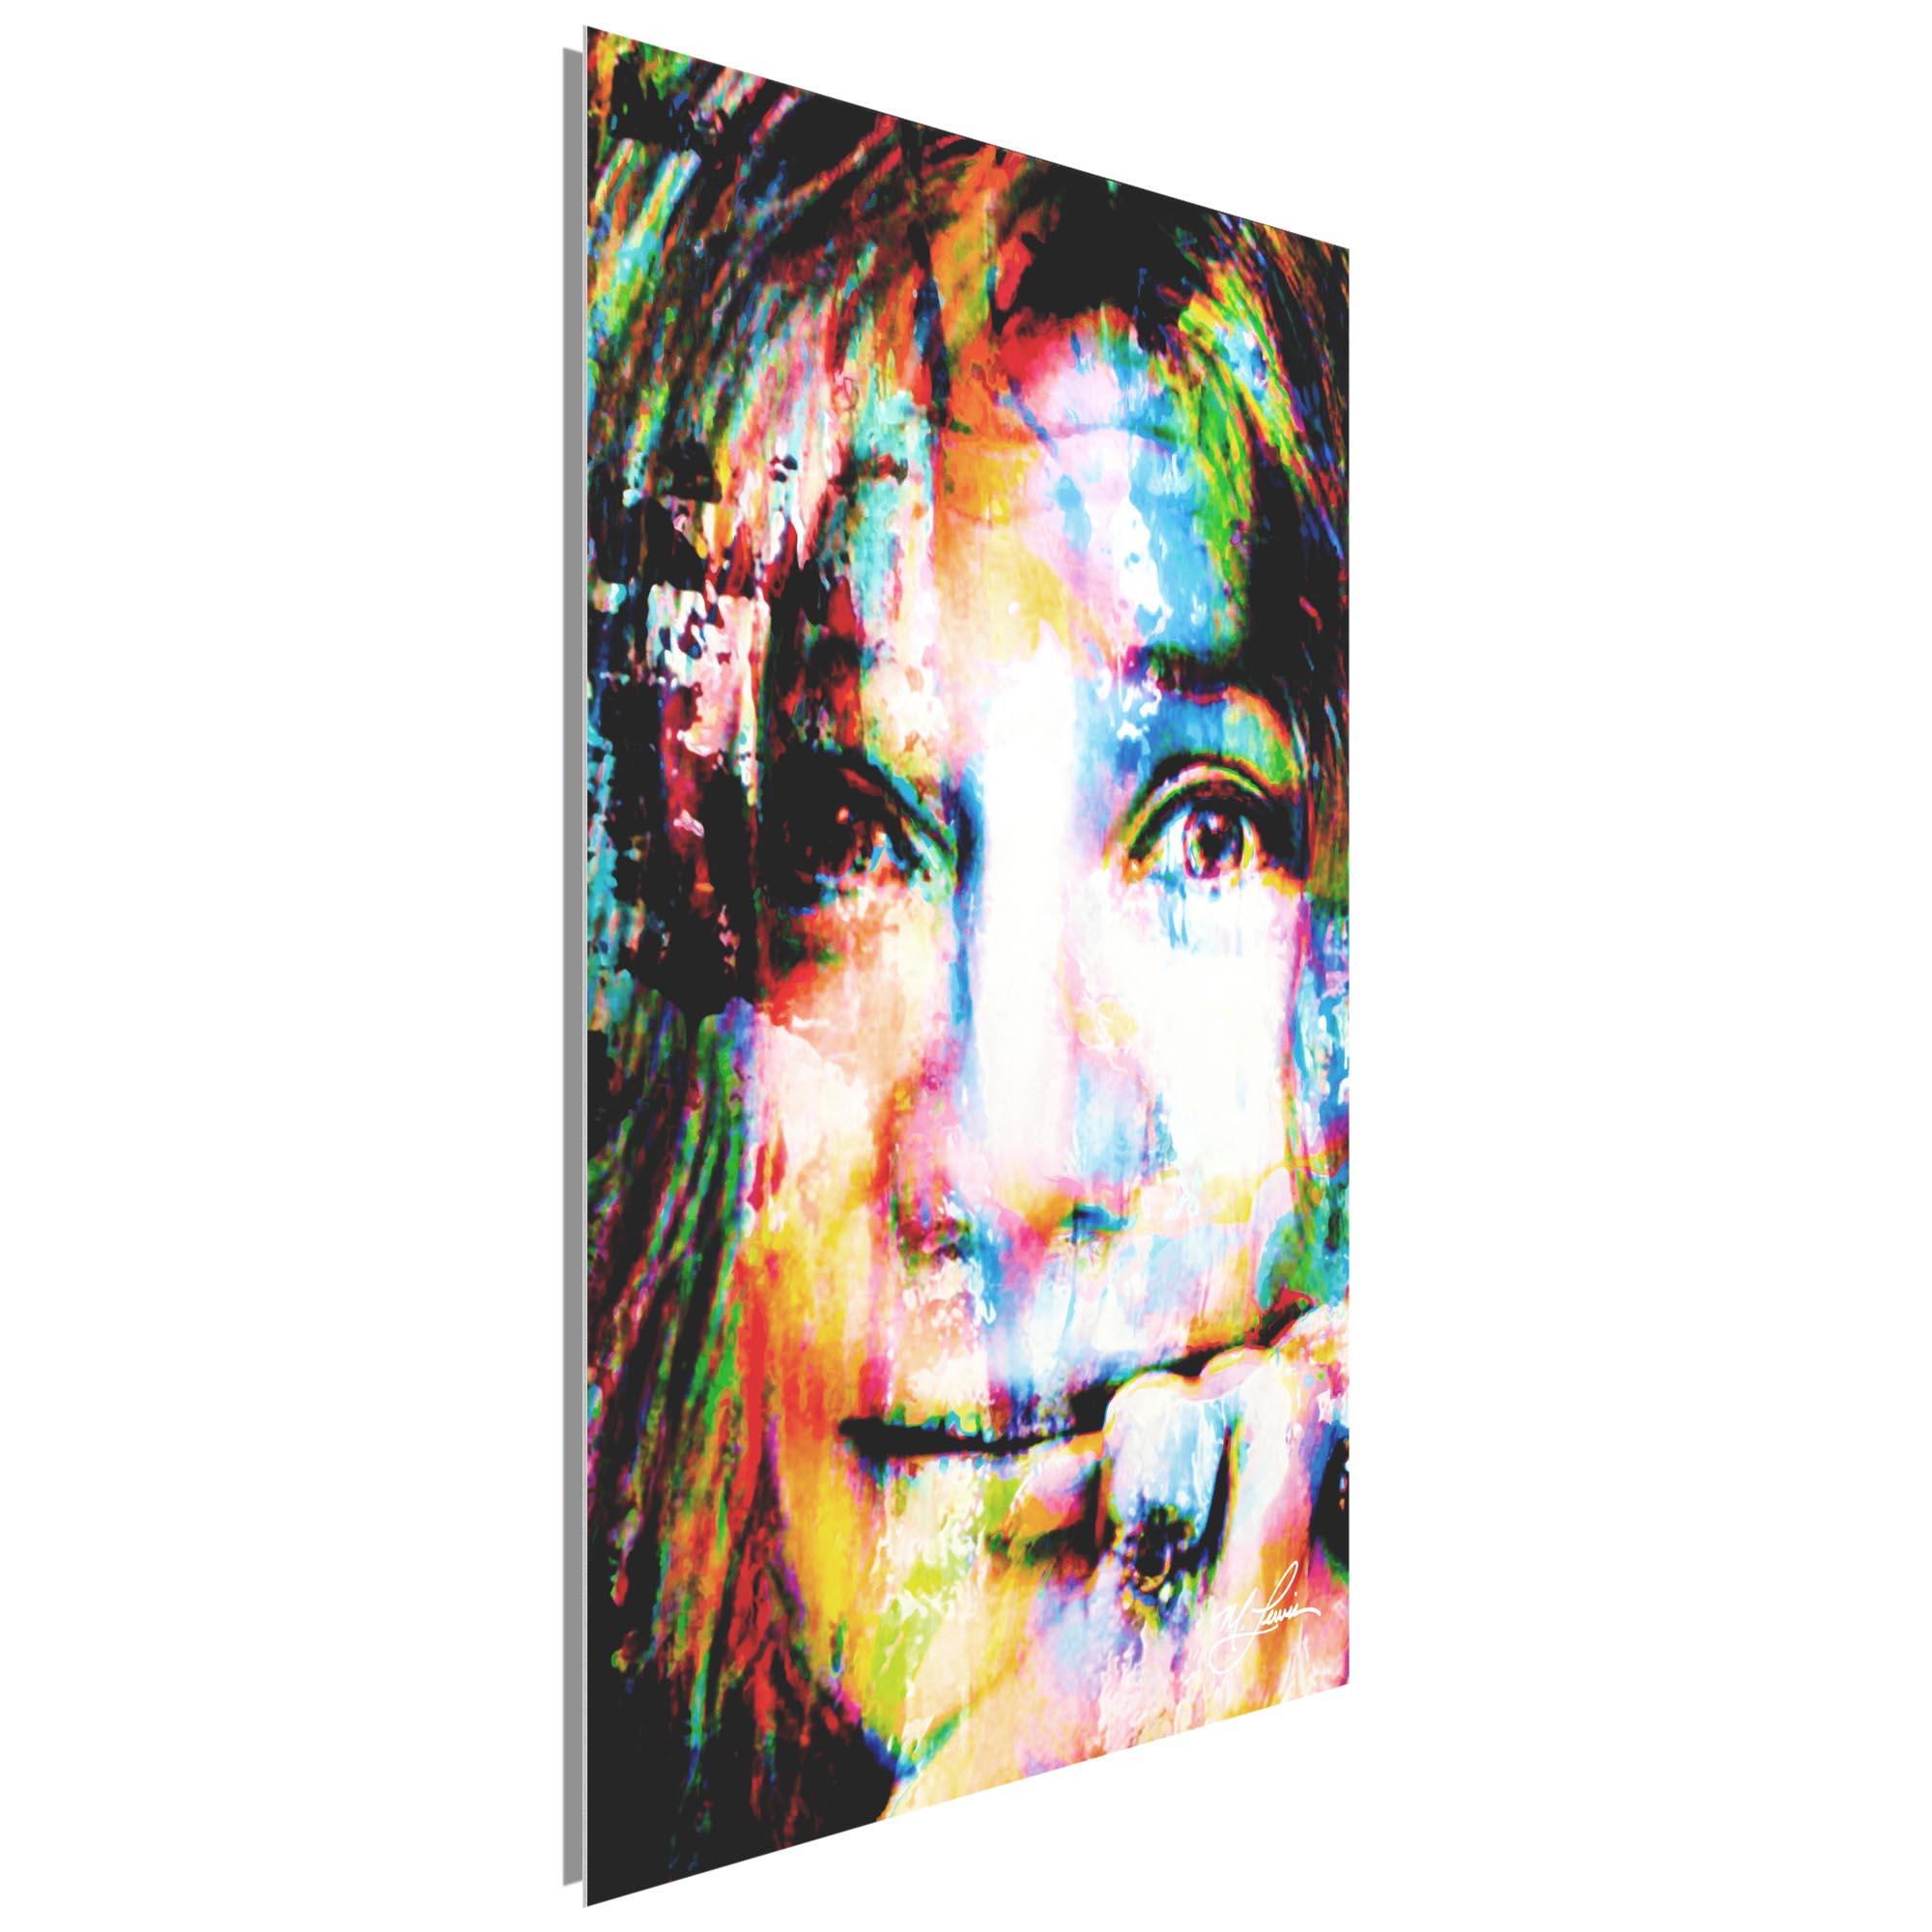 Janis Joplin Declaration of Soul by Mark Lewis - Celebrity Pop Art on Metal or Plexiglass - ML0038